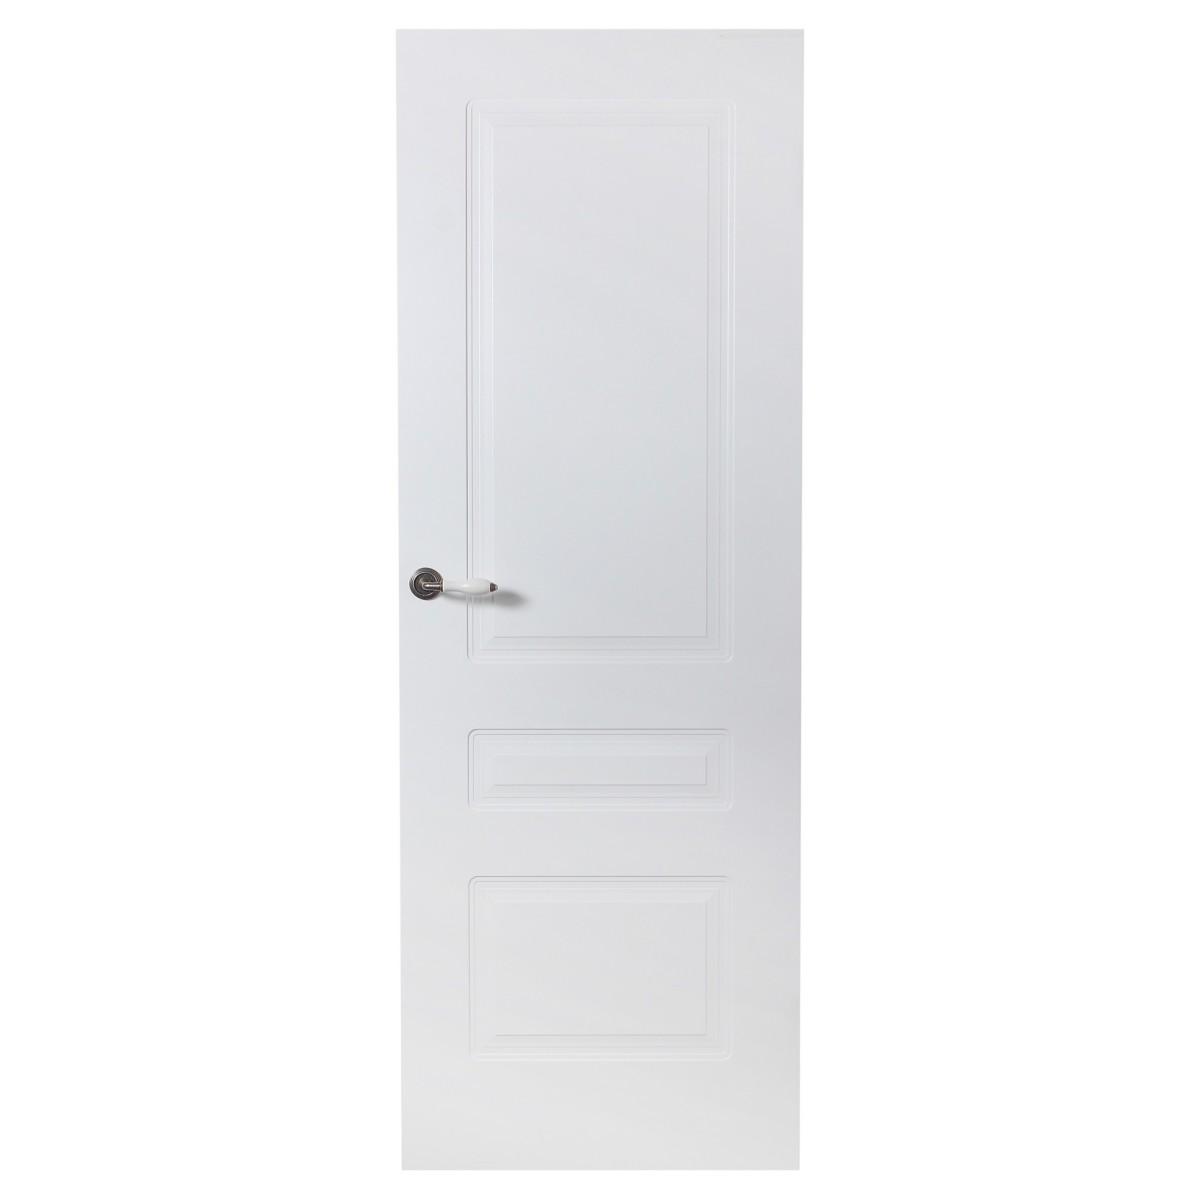 Дверь Межкомнатная Глухая Роялти 80x200 Цвет Белый